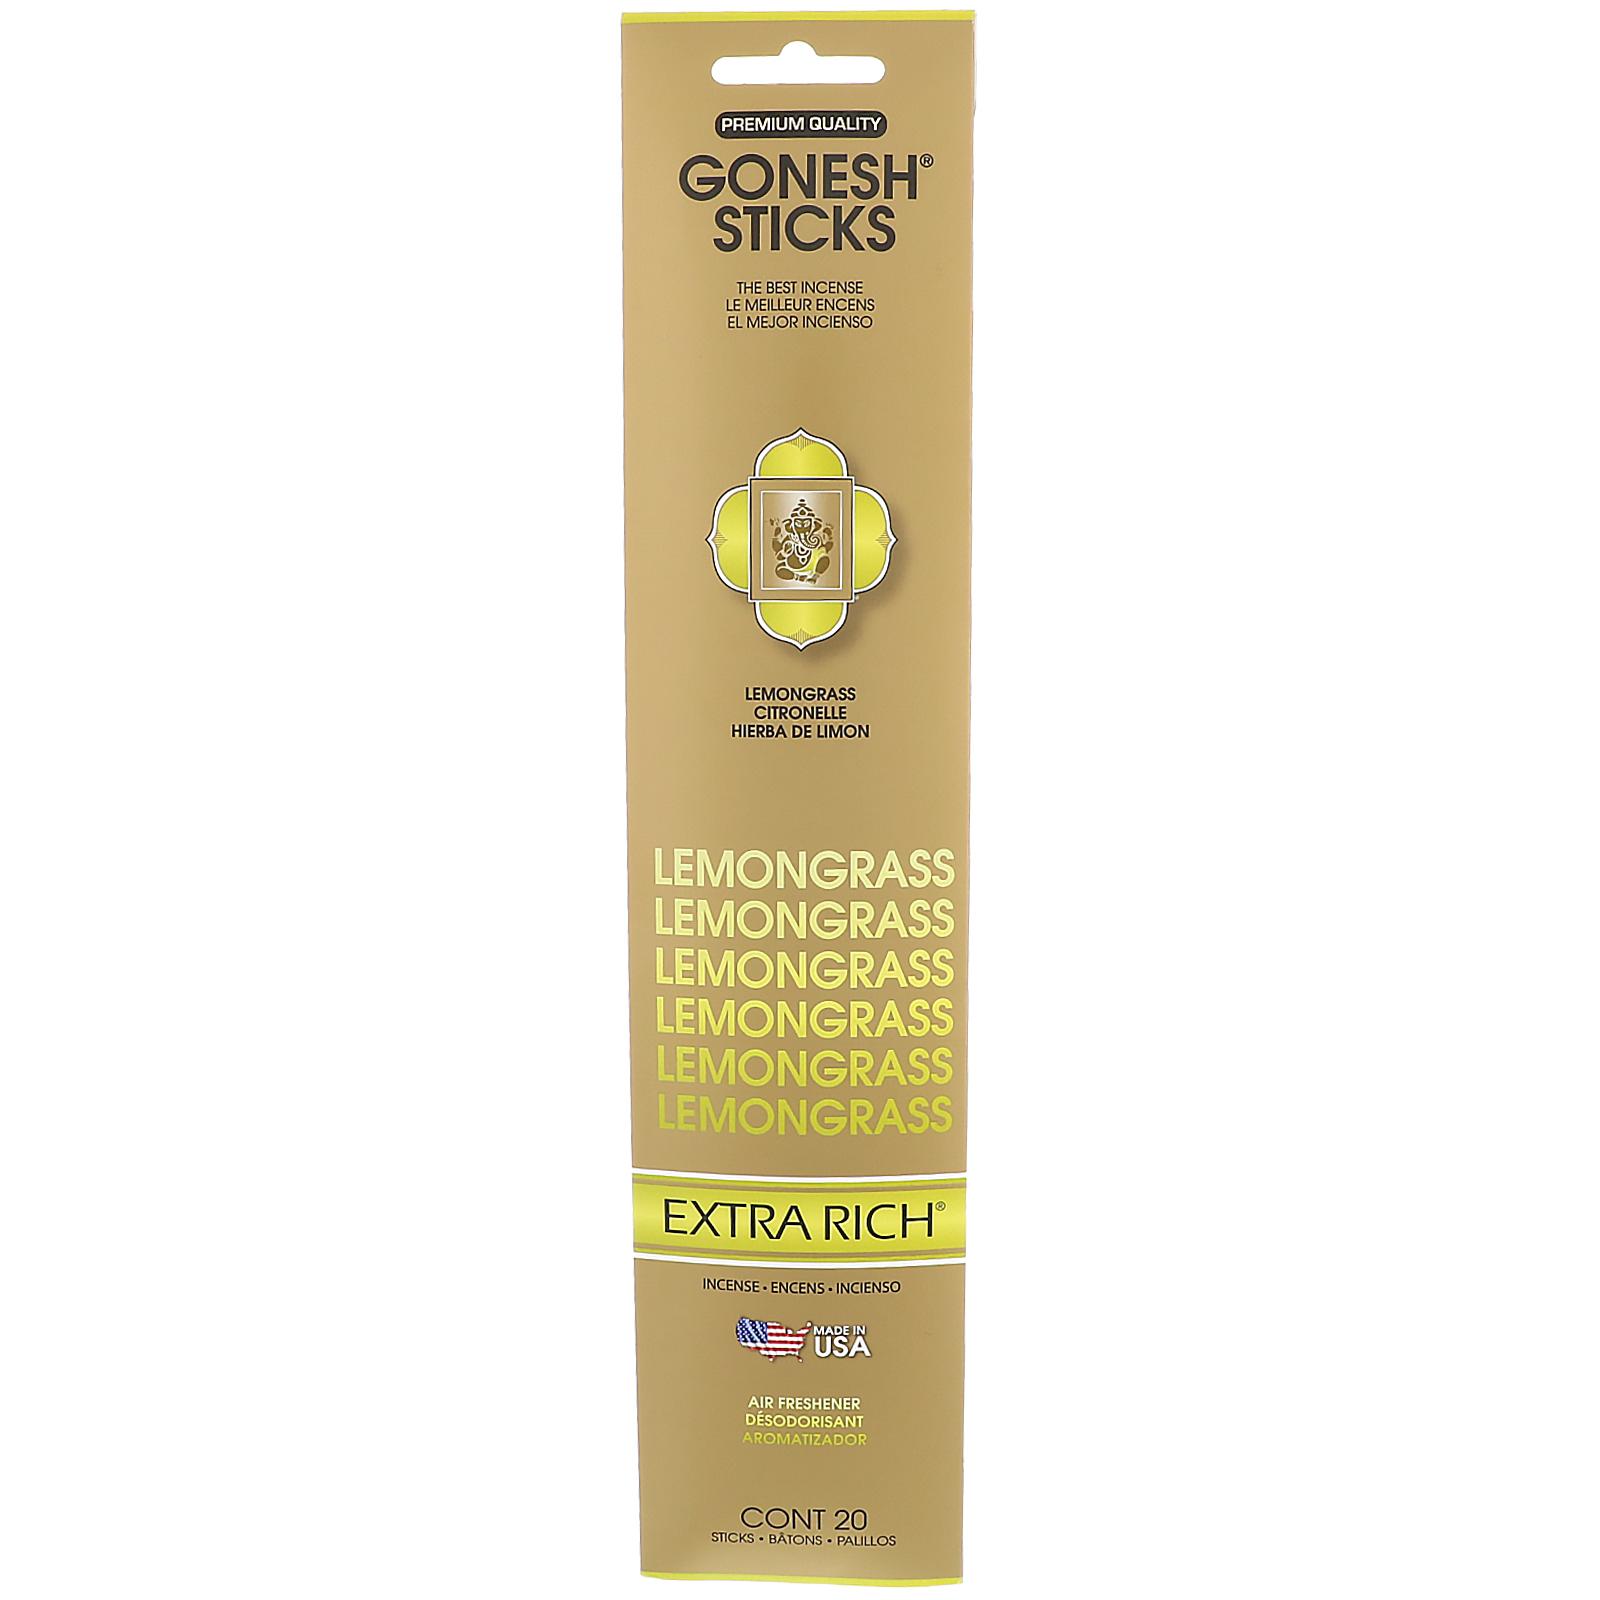 Gonesh, Extra Rich Incense Sticks, Lemongrass, 20 Sticks - iHerb com